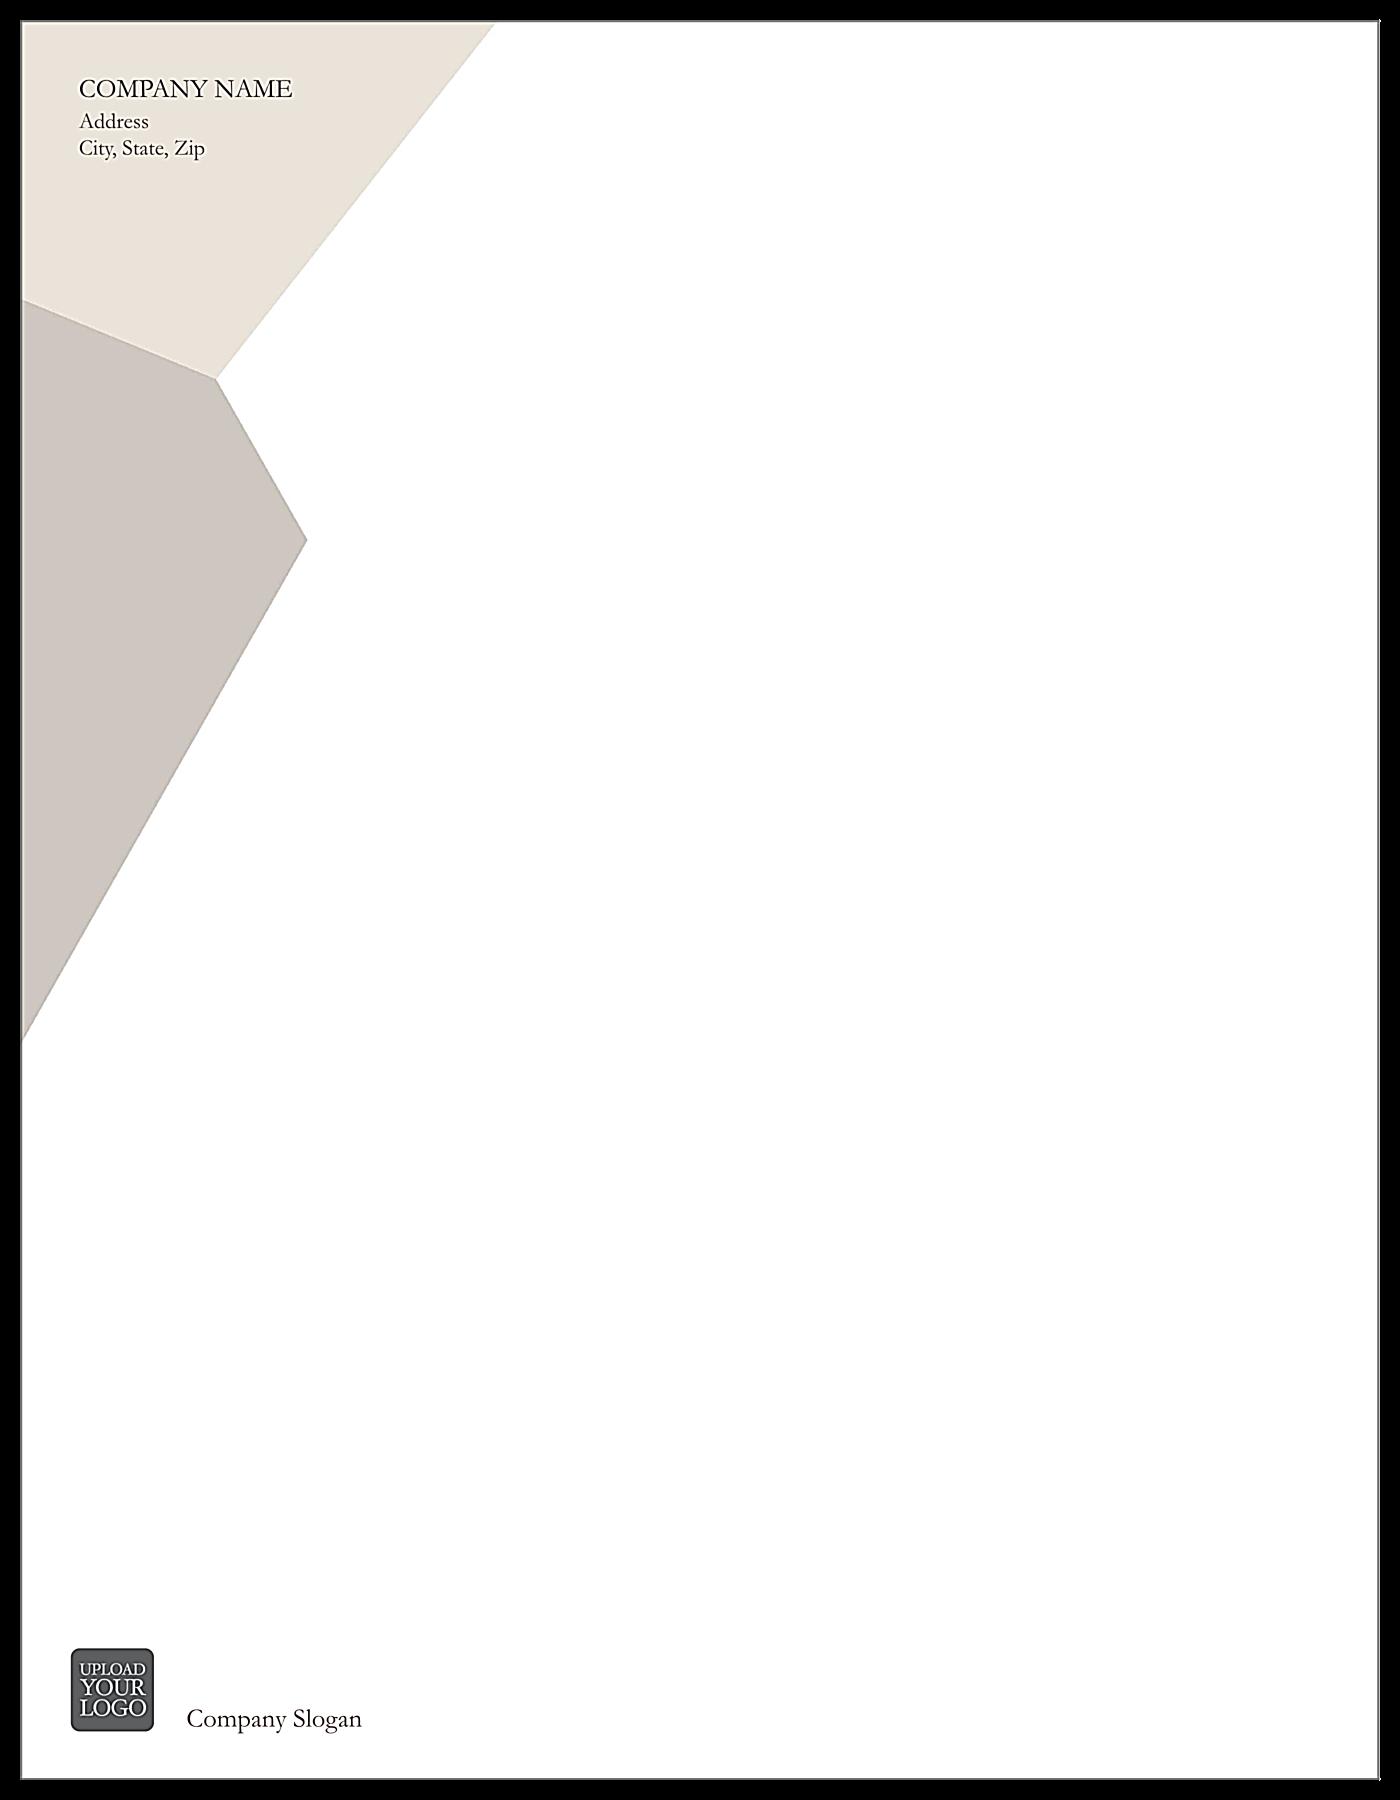 Triangular Overlap front - Letterhead Maker